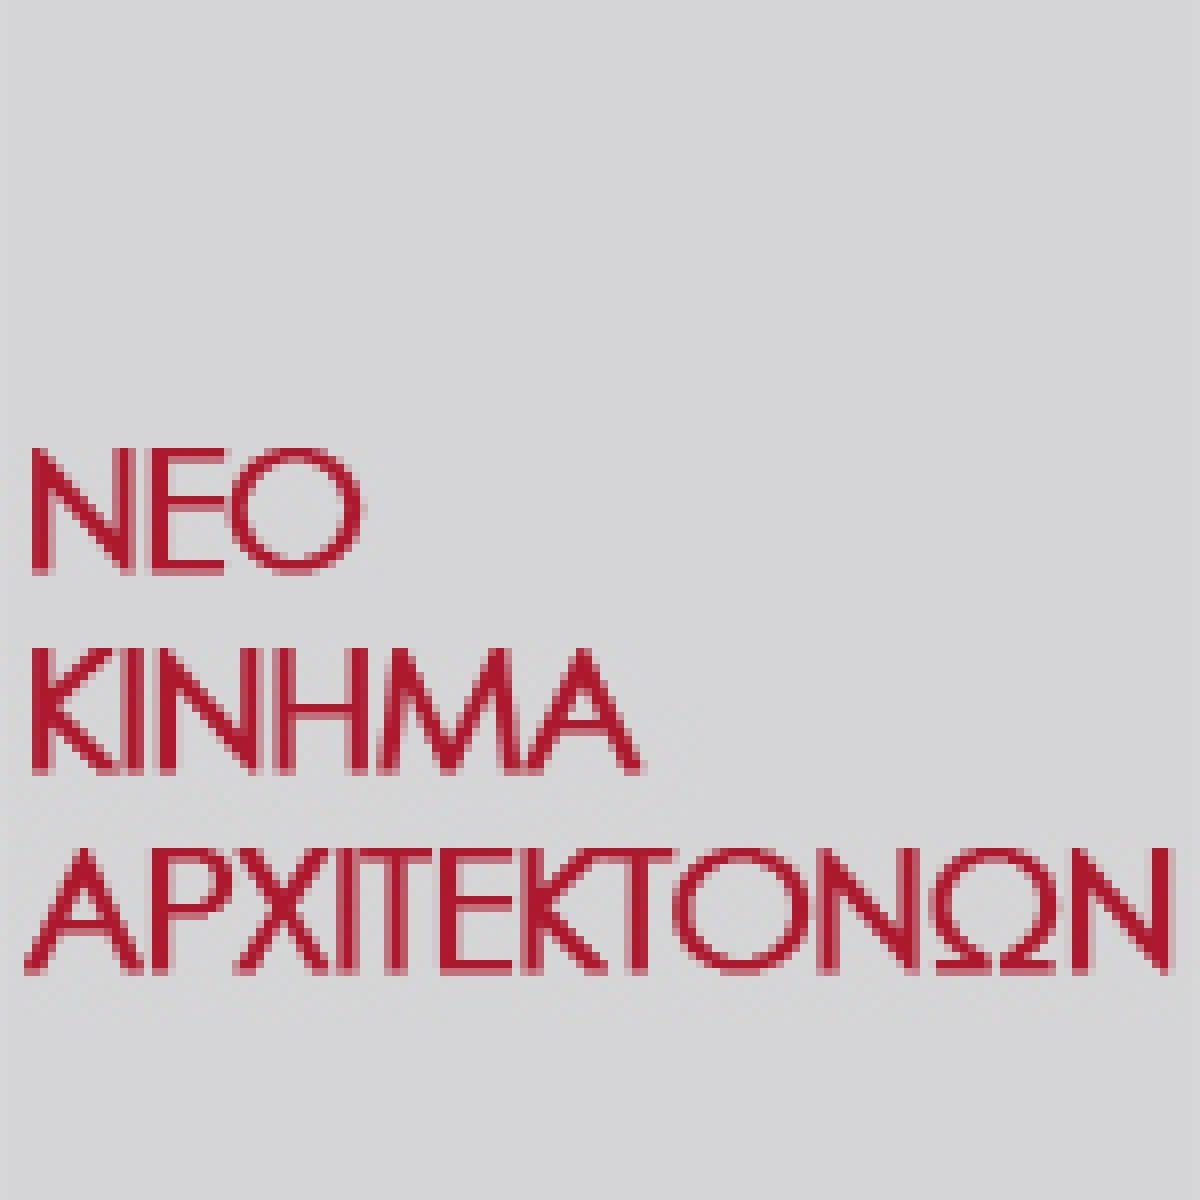 ΝΕΟ ΚΙΝΗΜΑ ΑΡΧΙΤΕΚΤΟΝΩΝ : Τμήμα Αττικής ΣΑΔΑΣ-ΠΕΑ – 6 μήνες μετά